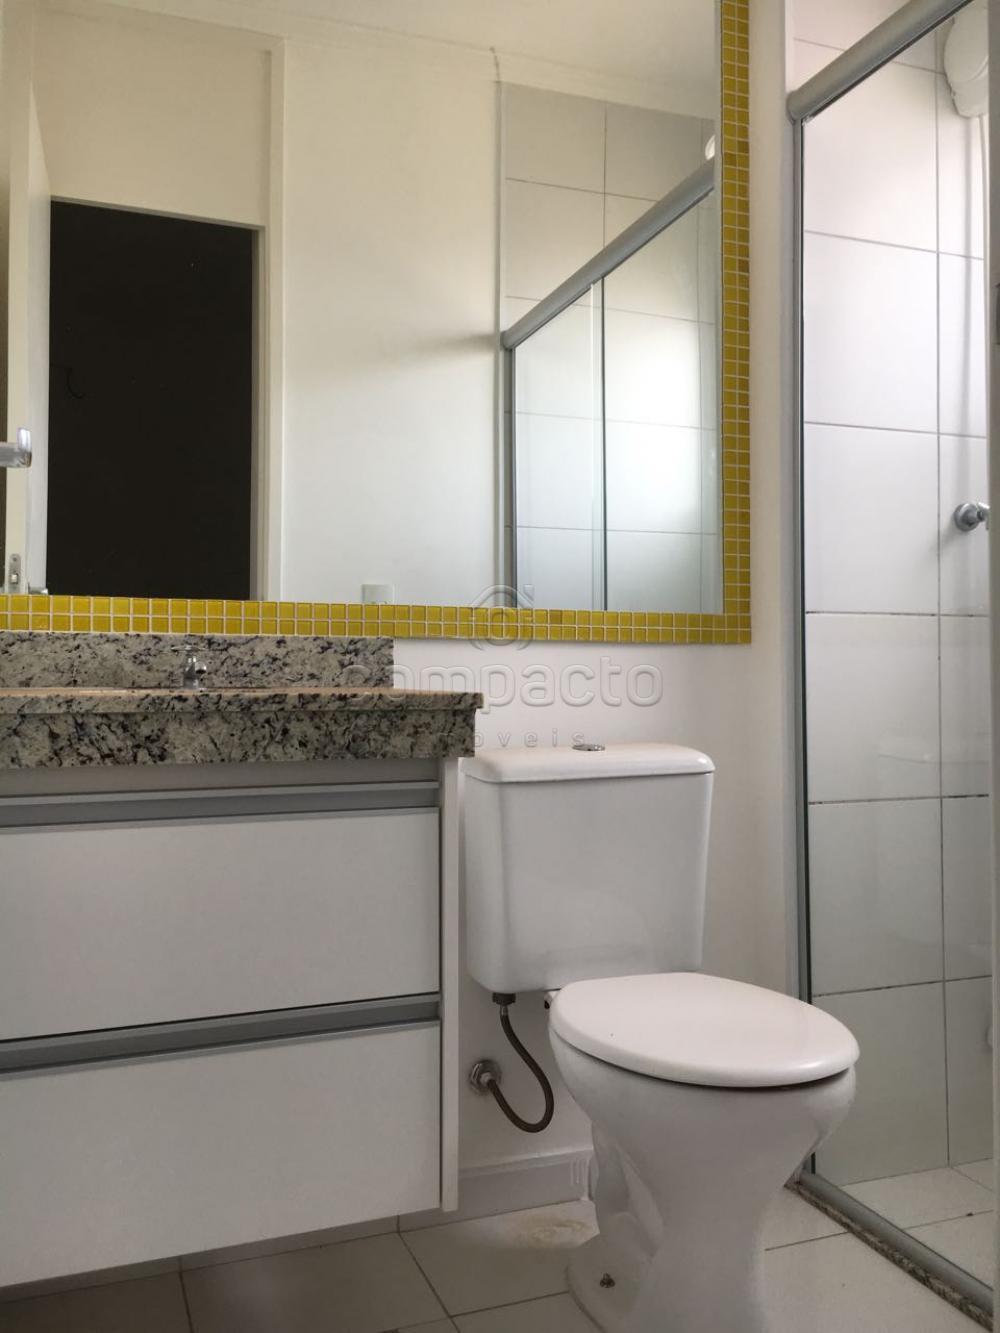 Comprar Casa / Condomínio em São José do Rio Preto apenas R$ 375.000,00 - Foto 7